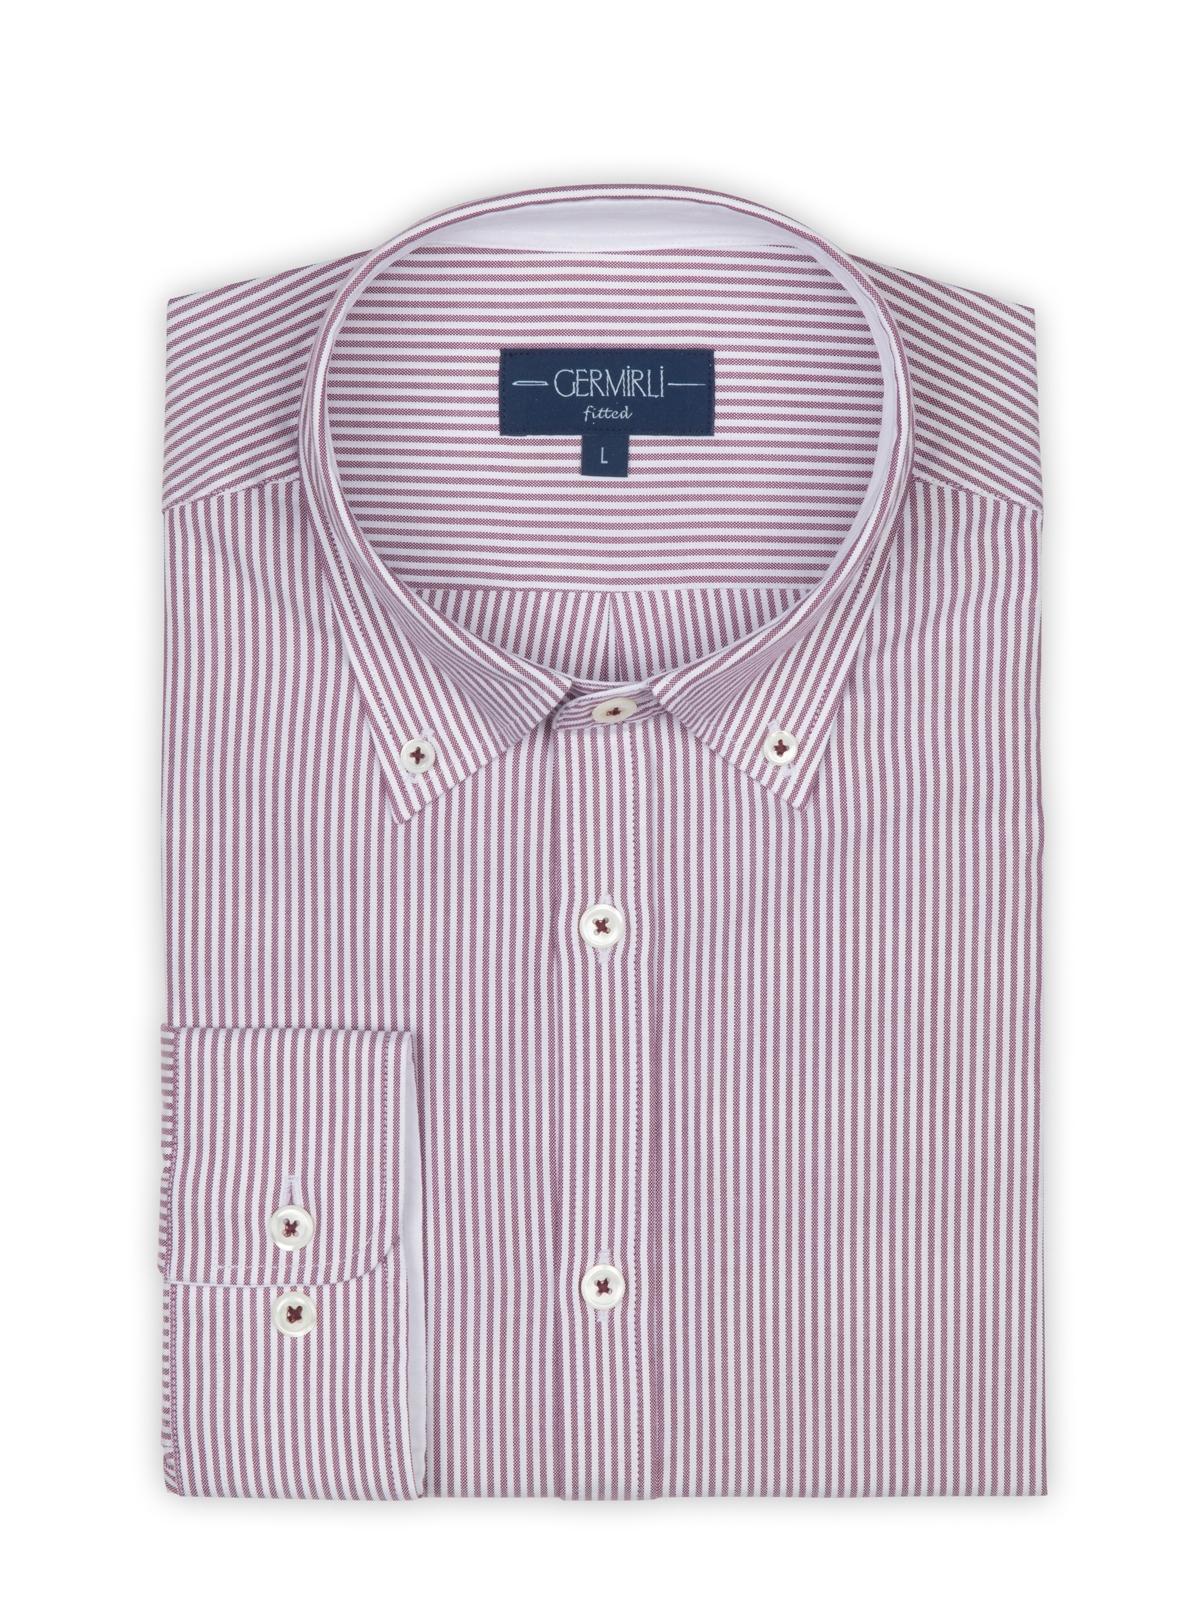 Germirli Beyaz Bordo Panama Dokulu Çizgili Düğmeli Yaka Tailor Fit Gömlek